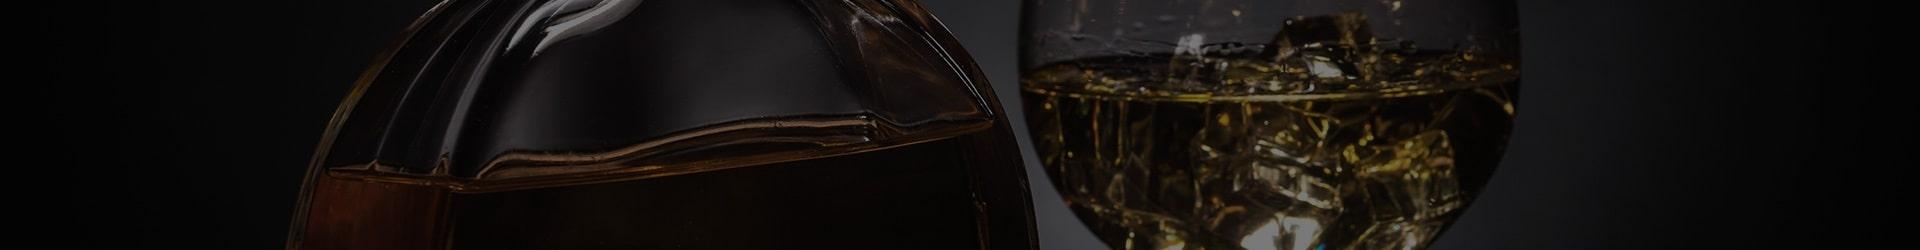 Our Selection of Rare Cognac|Shop Online